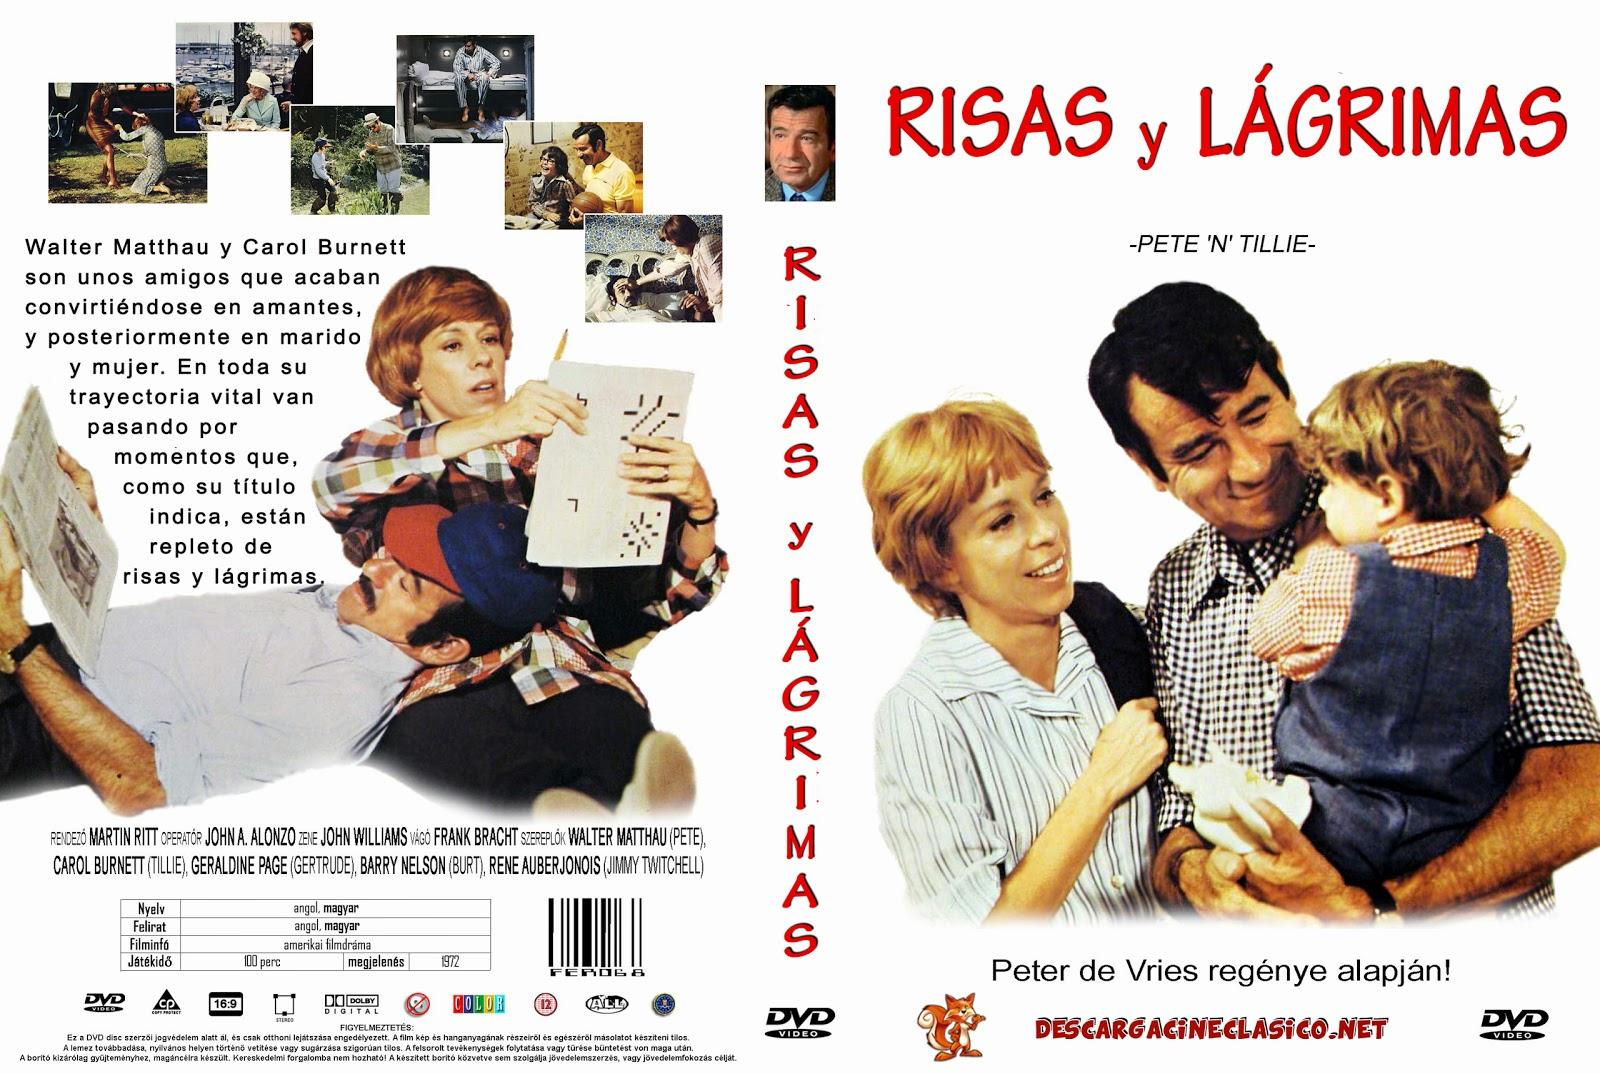 Risas y lágrimas (1972 - Pete 'n' Tillie)